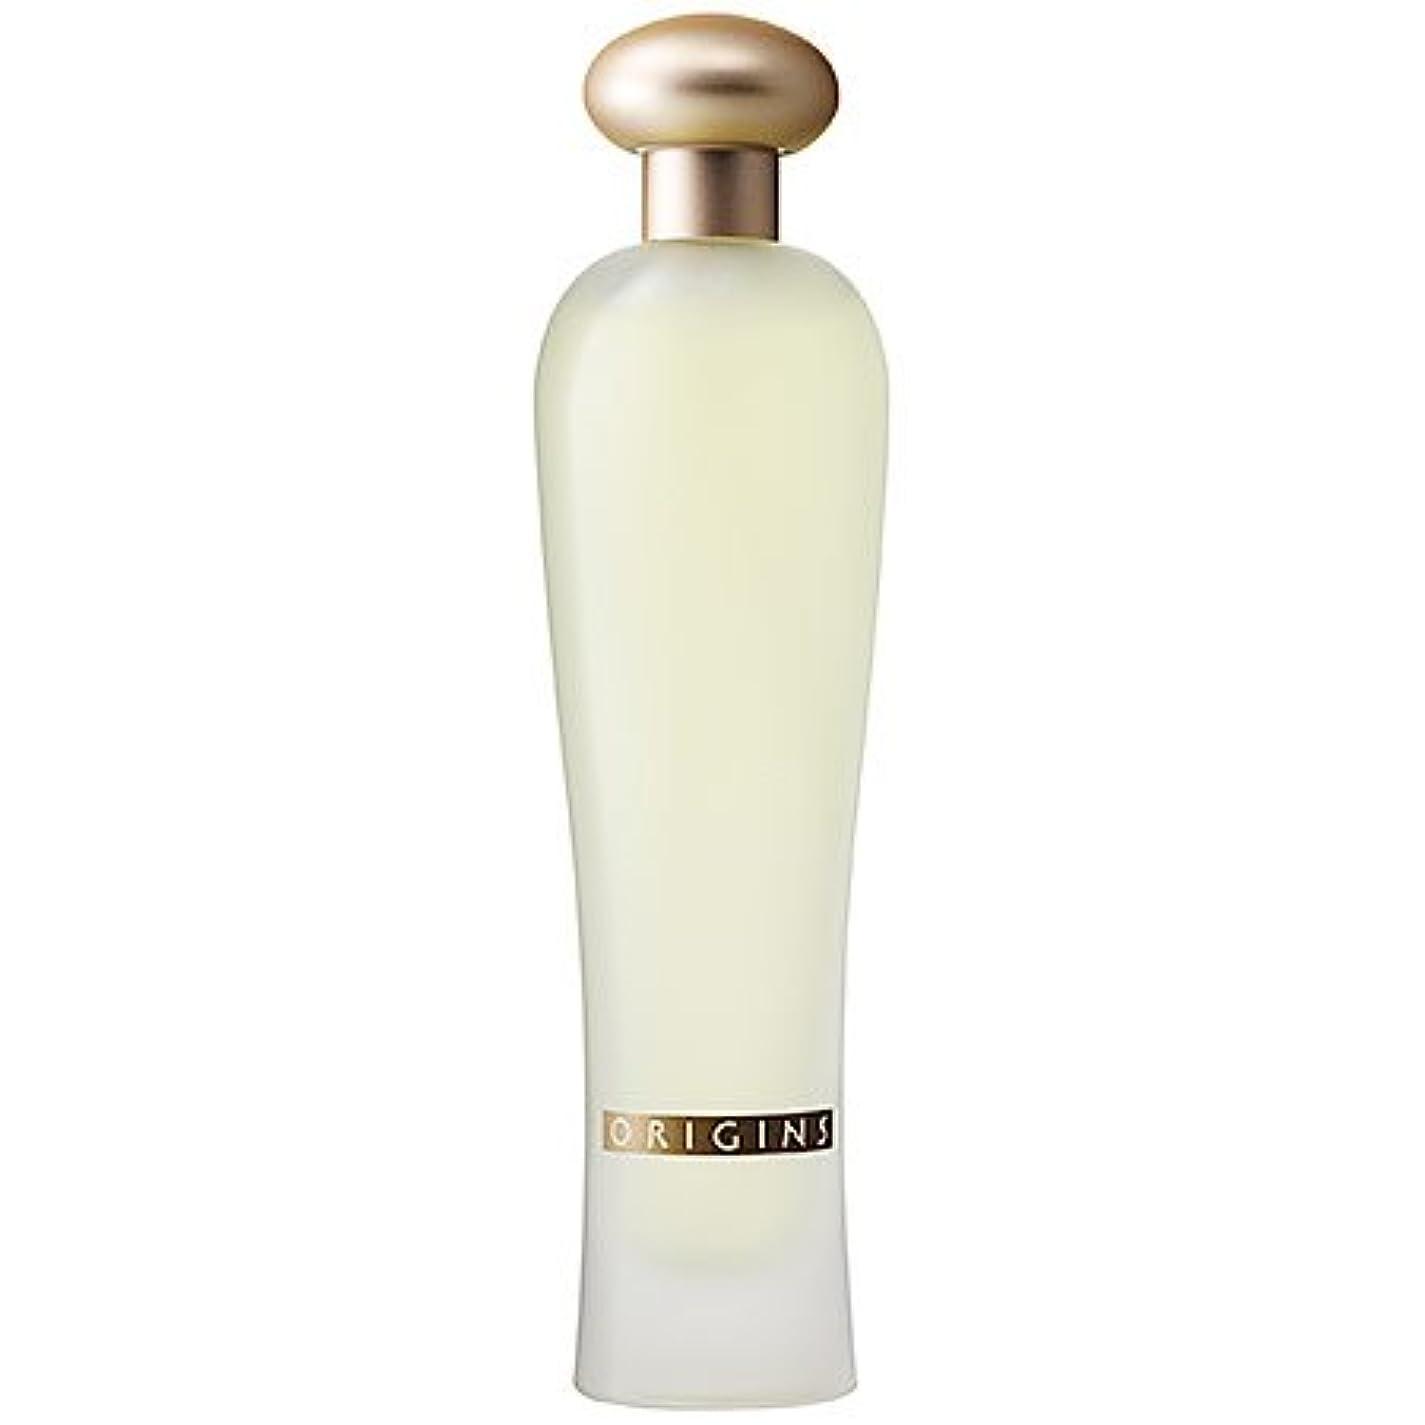 バルクサドル解任Origins Ginger Essence Sensuous Skin Scent (オリジンズ ジンジャー エッセンス スキン セント) 3.4 oz (100ml) Spray for Women